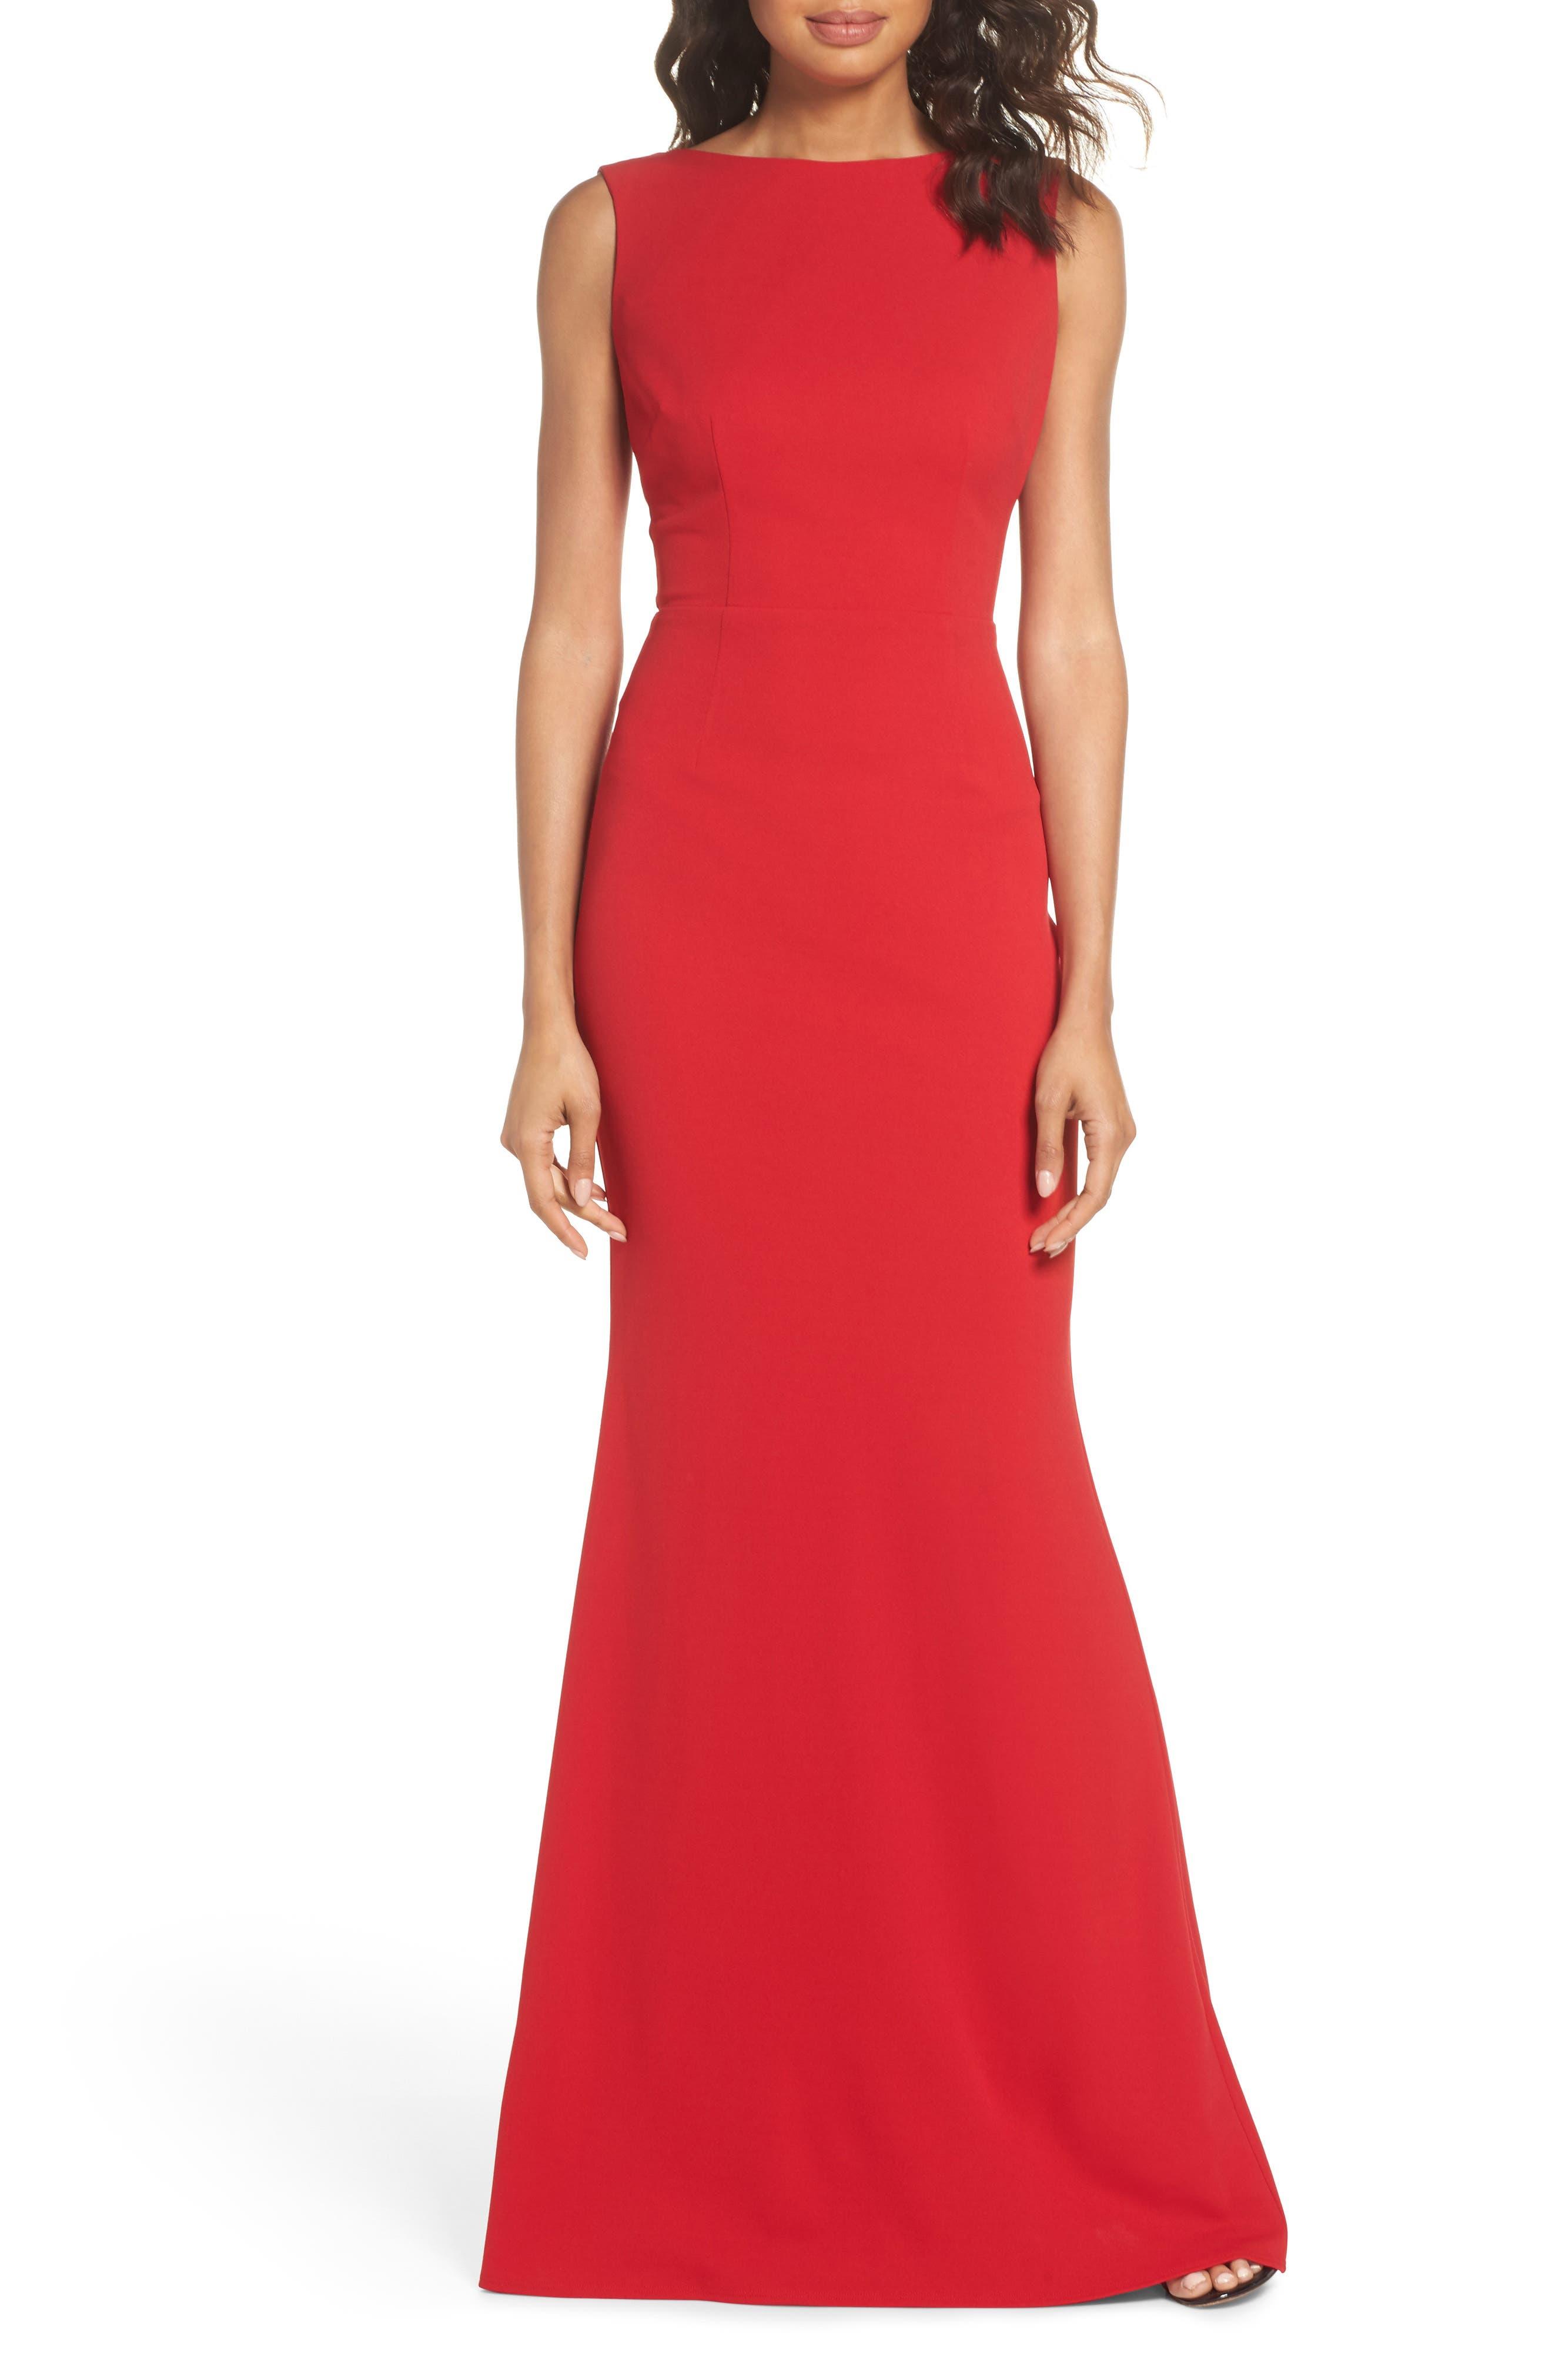 Vionnet Drape Back Crepe Gown,                         Main,                         color, Red